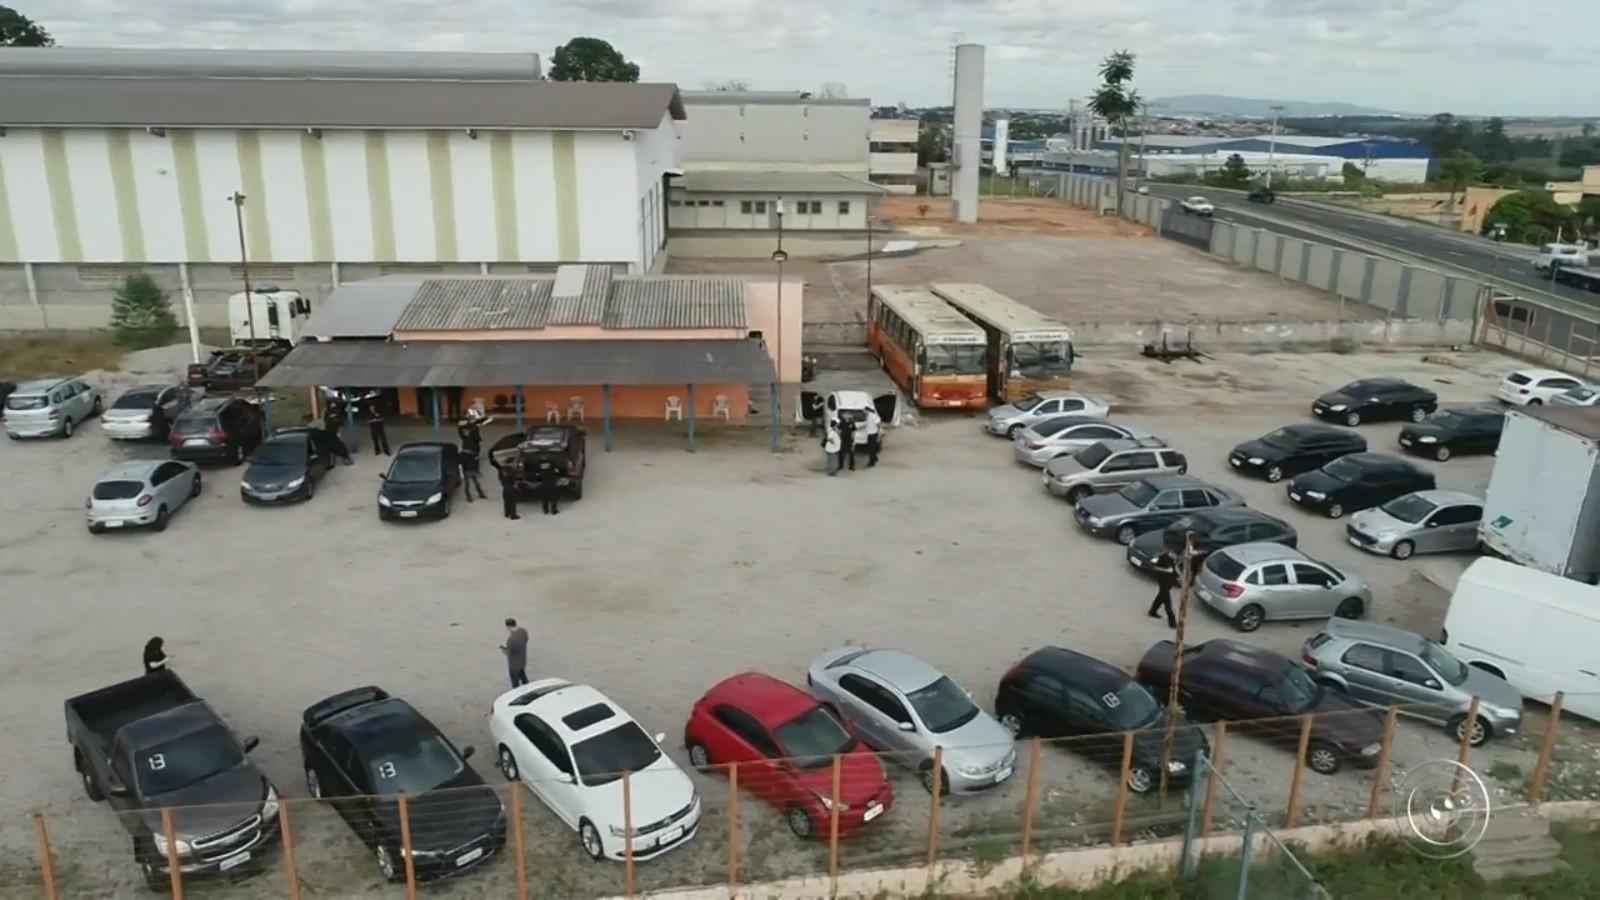 Preso por contrabandear cigarro entrava em leilão para recuperar veículos apreendidos: 'Ousadia', diz delegado